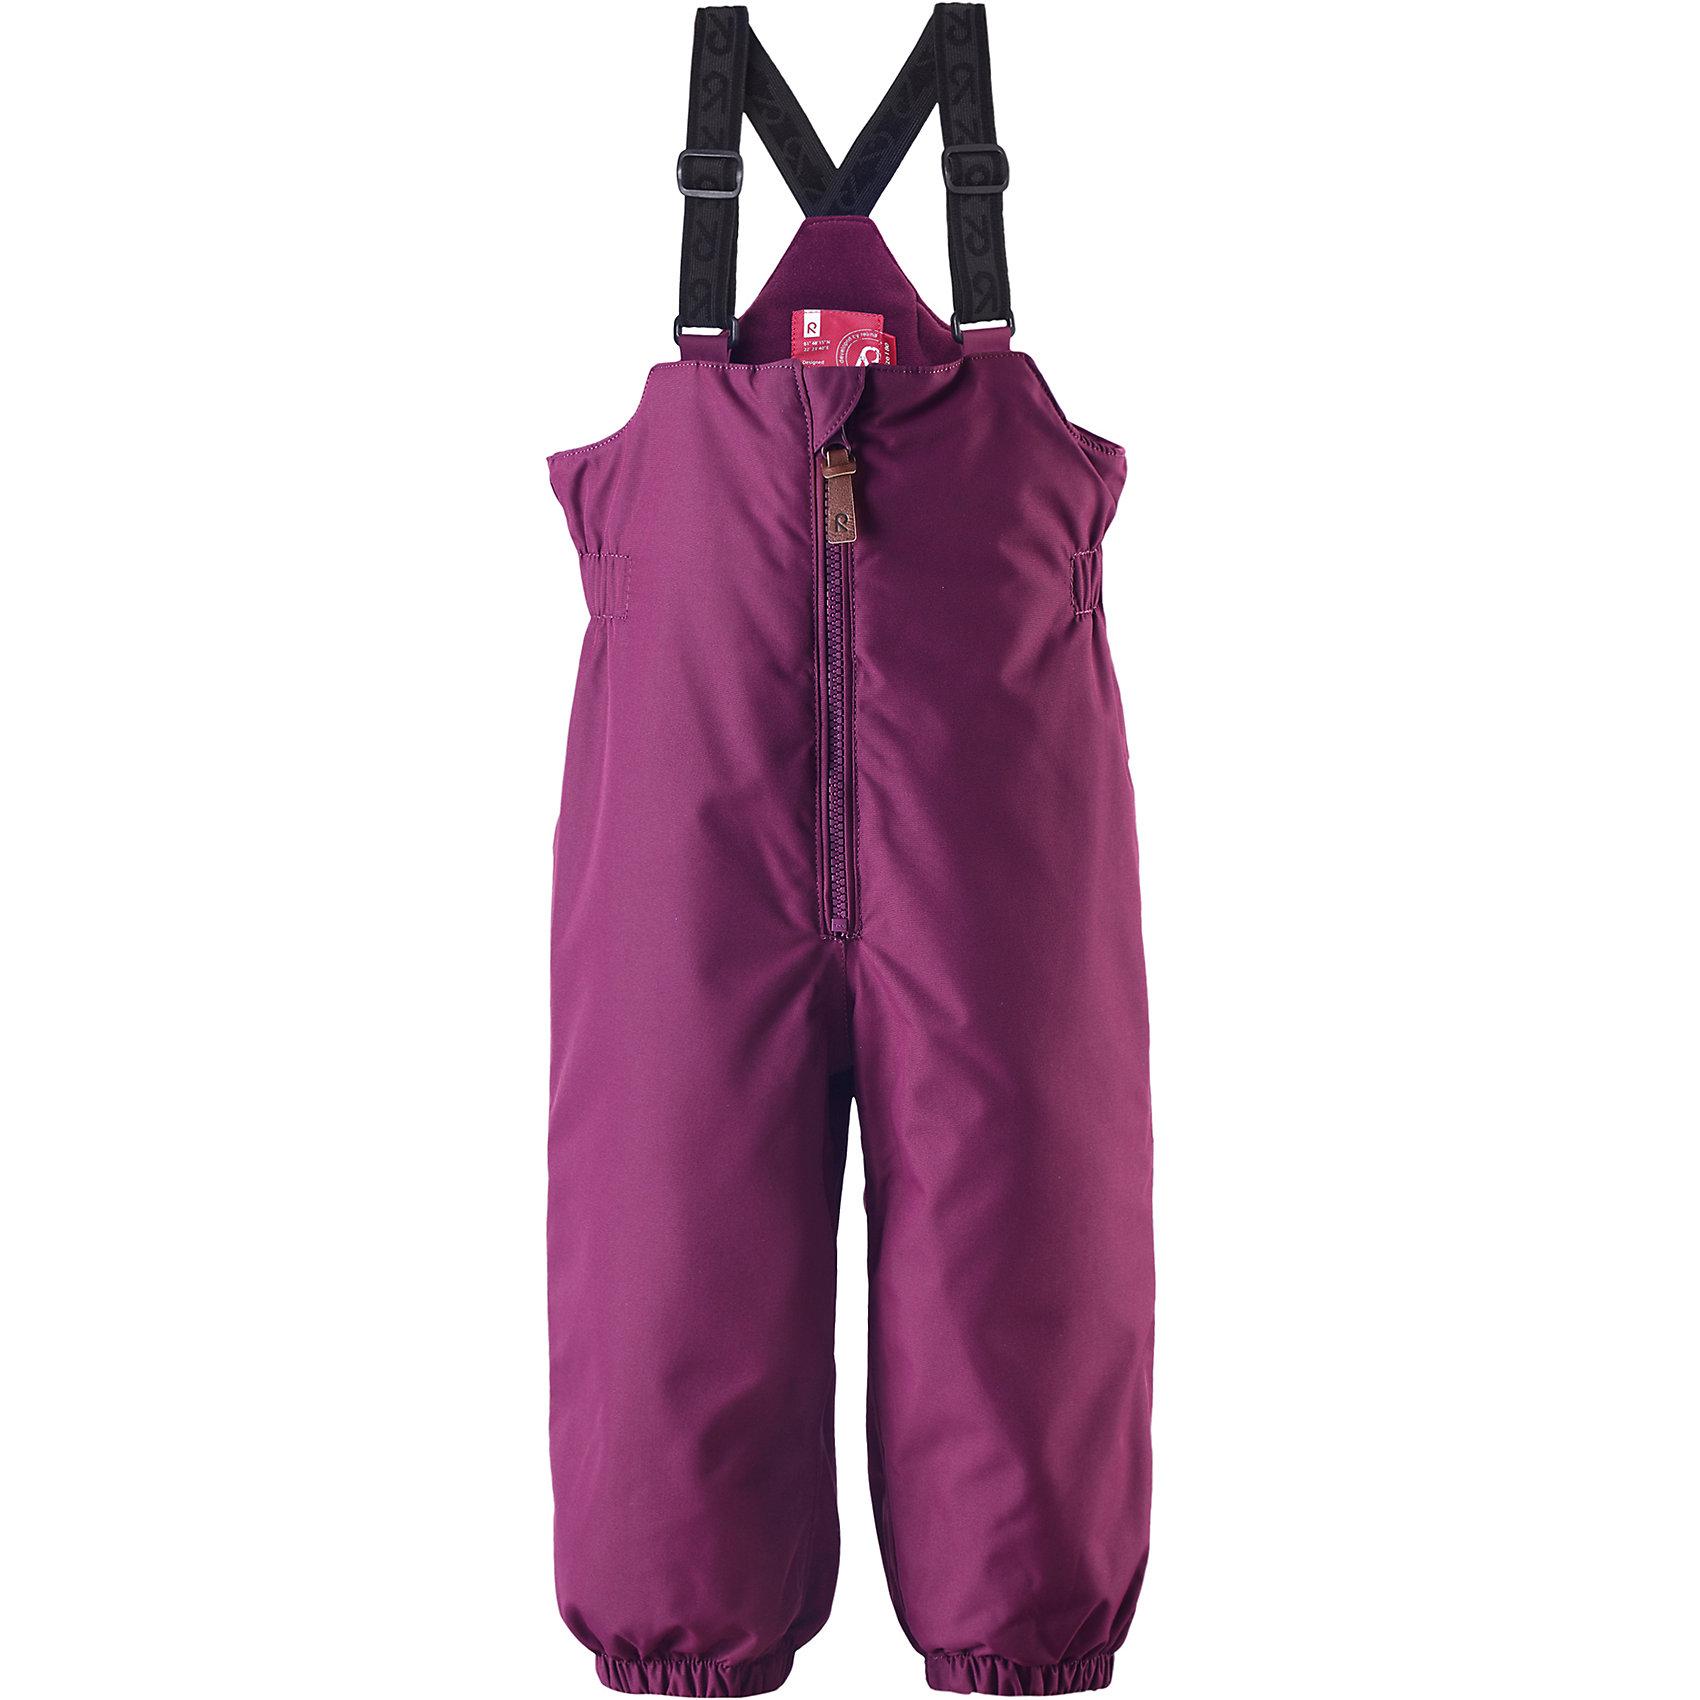 Брюки Matias для девочки ReimaБрюки  Reima<br>Зимние брюки для малышей. Основные швы проклеены и не пропускают влагу. Водо- и ветронепроницаемый, «дышащий» и грязеотталкивающий материал. Утепленная задняя часть изделия. Гладкая подкладка из полиэстра. Высокая талия с регулируемыми подтяжками. Съемные эластичные штрипки. Длинная молния для легкого одевания. Безопасные светоотражающие детали.<br>Утеплитель: Reima® Comfortinsulation,140 g<br>Уход:<br>Стирать по отдельности, вывернув наизнанку. Застегнуть молнии и липучки. Стирать моющим средством, не содержащим отбеливающие вещества. Полоскать без специального средства. Во избежание изменения цвета изделие необходимо вынуть из стиральной машинки незамедлительно после окончания программы стирки. Сушить при низкой температуре.<br>Состав:<br>100% Полиамид, полиуретановое покрытие<br><br>Ширина мм: 594<br>Глубина мм: 337<br>Высота мм: 91<br>Вес г: 341<br>Цвет: фиолетовый<br>Возраст от месяцев: 9<br>Возраст до месяцев: 12<br>Пол: Женский<br>Возраст: Детский<br>Размер: 80,98,92,86<br>SKU: 4779556